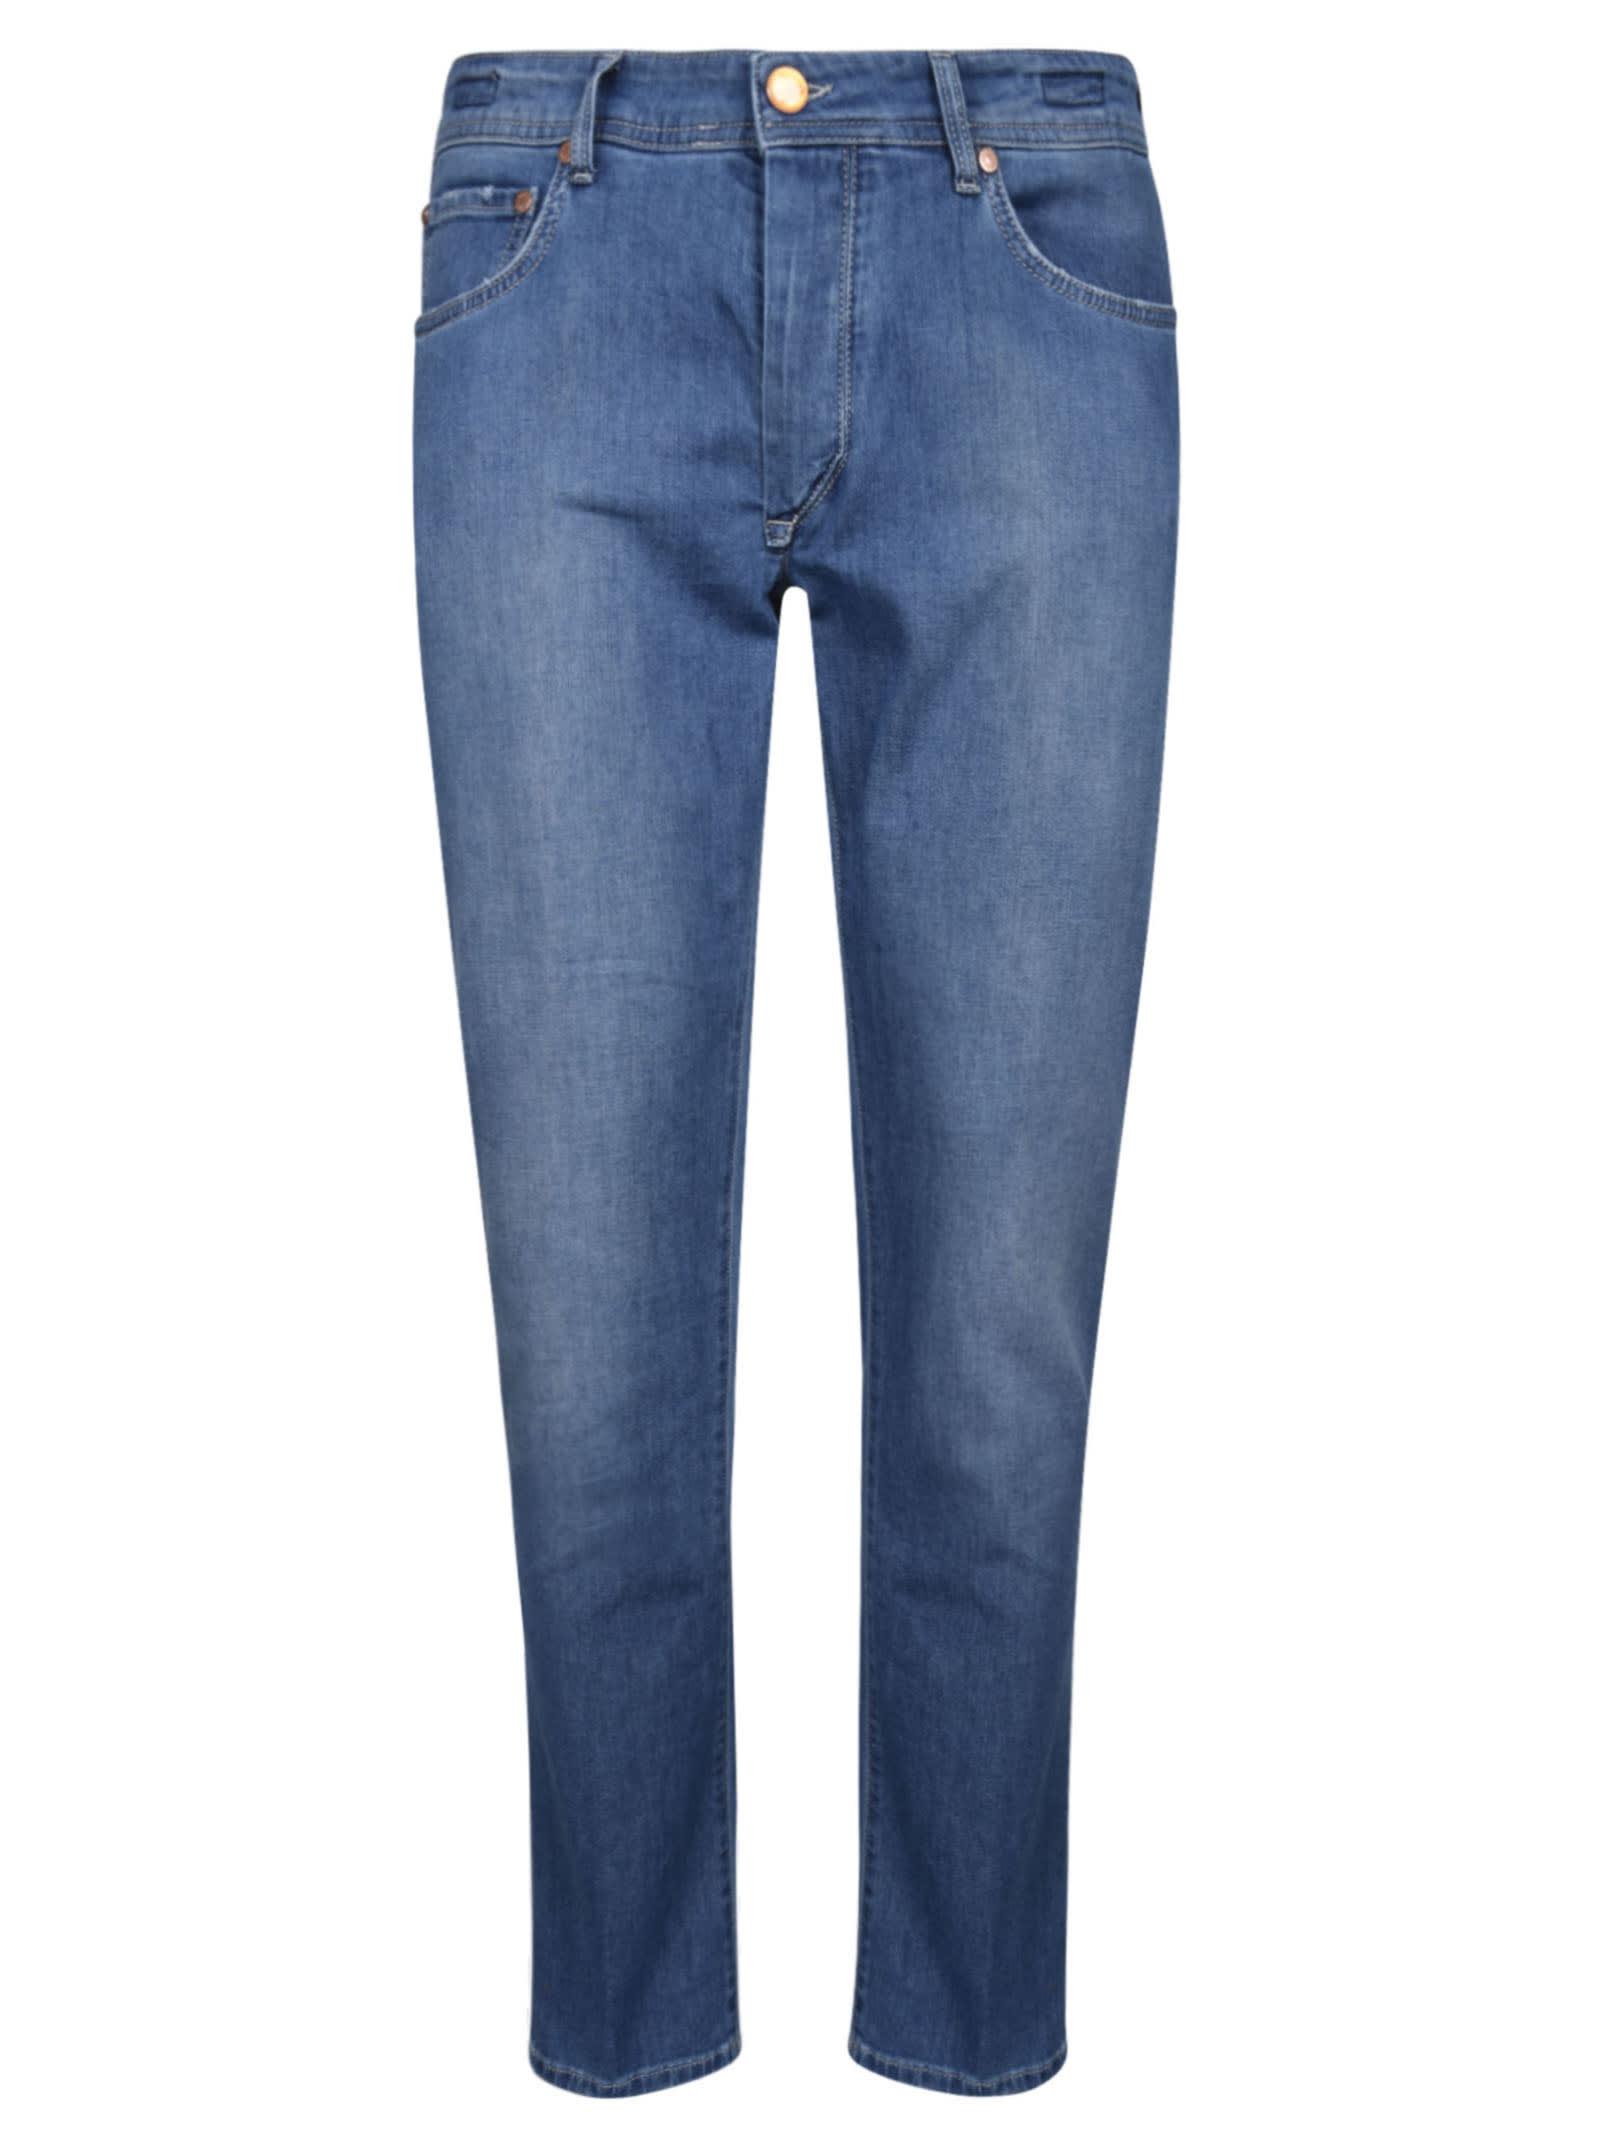 Regular 5 Pocket Jeans